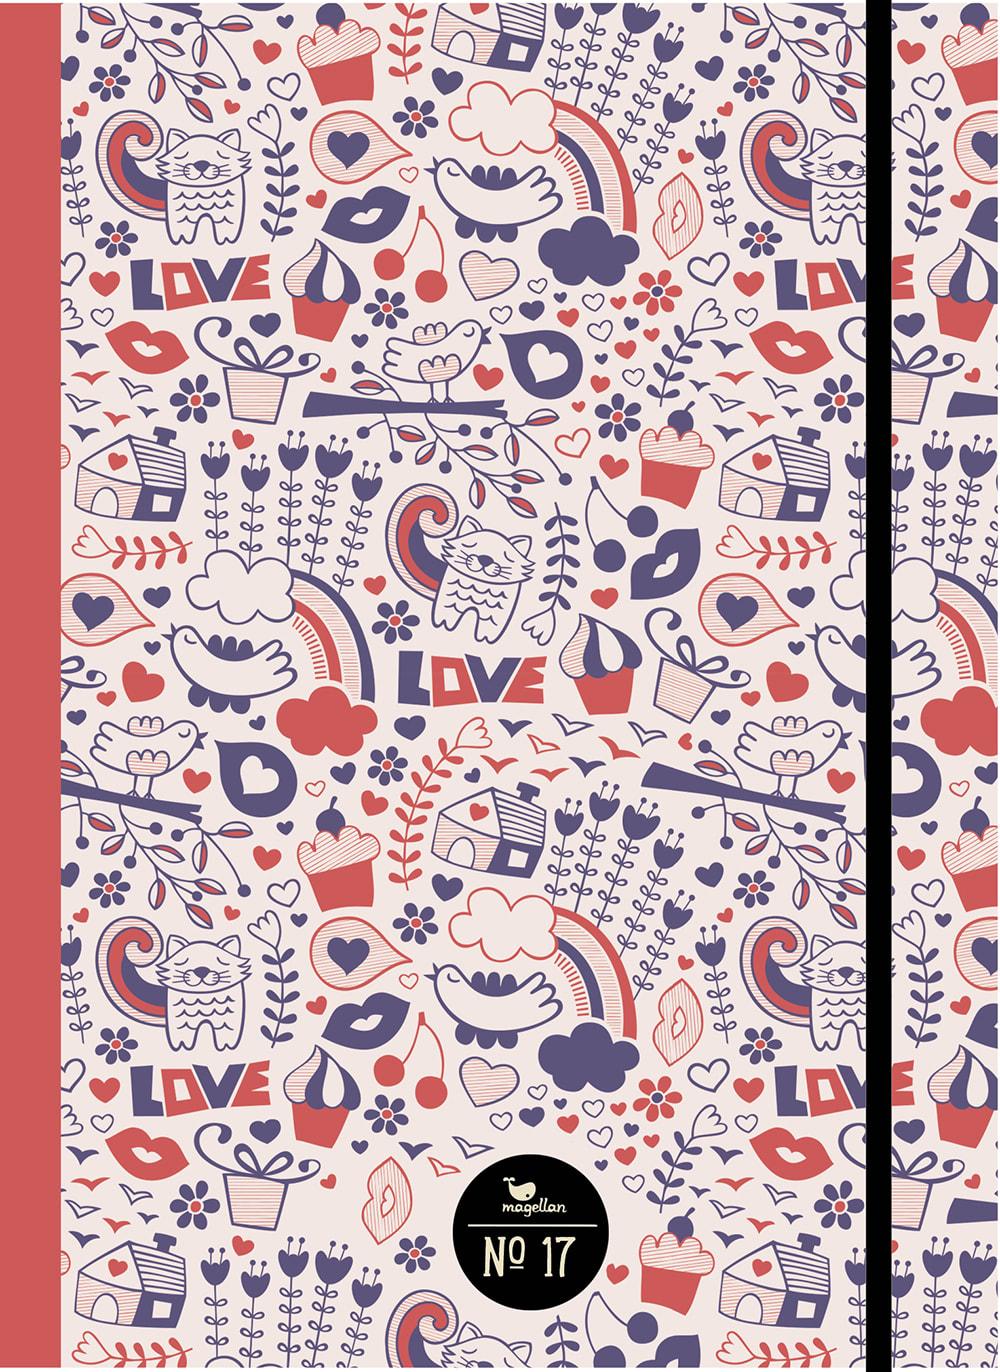 Cover Notizbuch Nummer 17 Love Schönes und Kreatives zum Eintragen